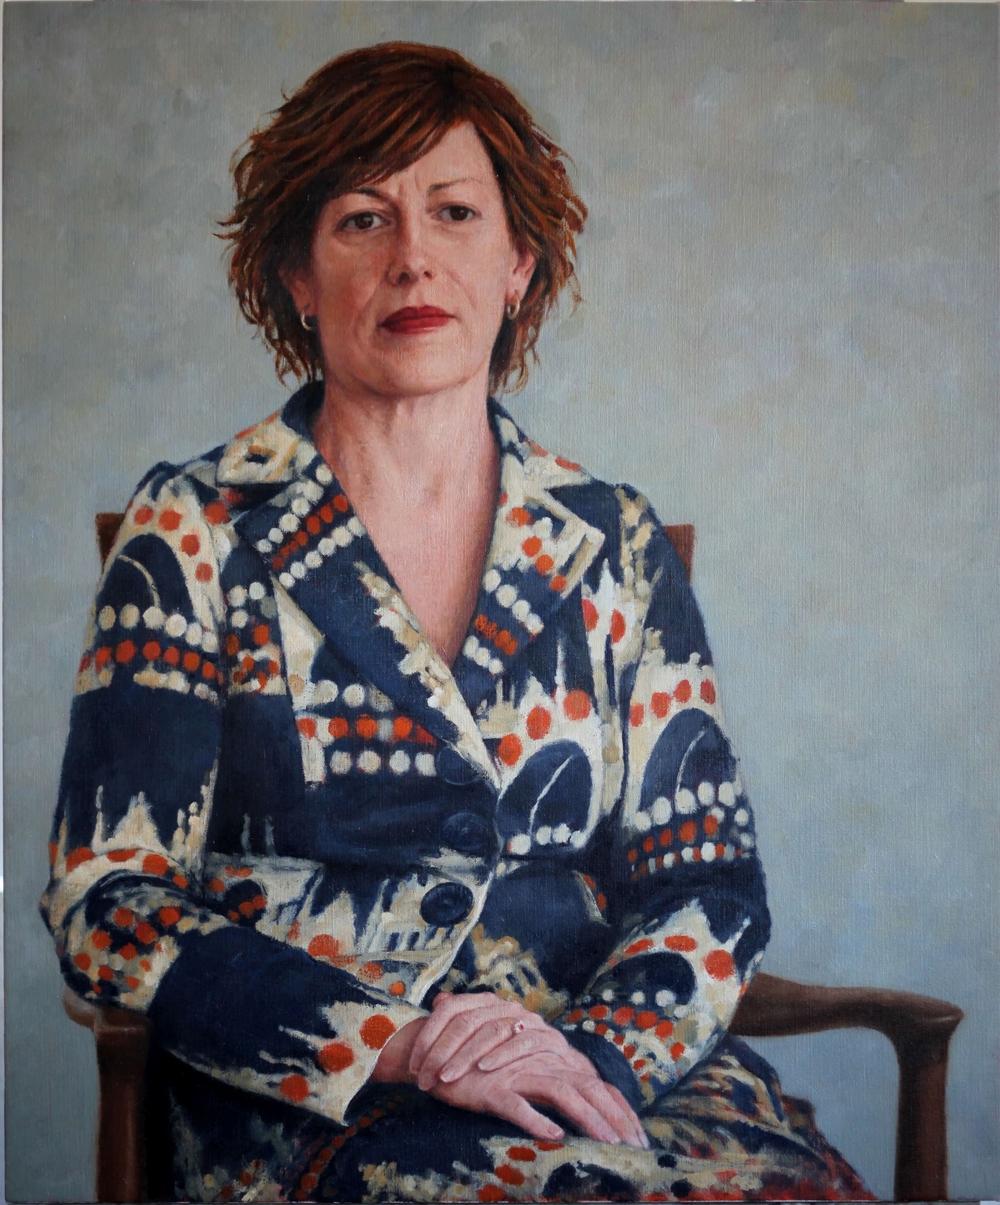 Anna Burke MP, Former Speaker of the Australian House of Representatives, 2015, 1000mm x 1200mm, Oil on linen.